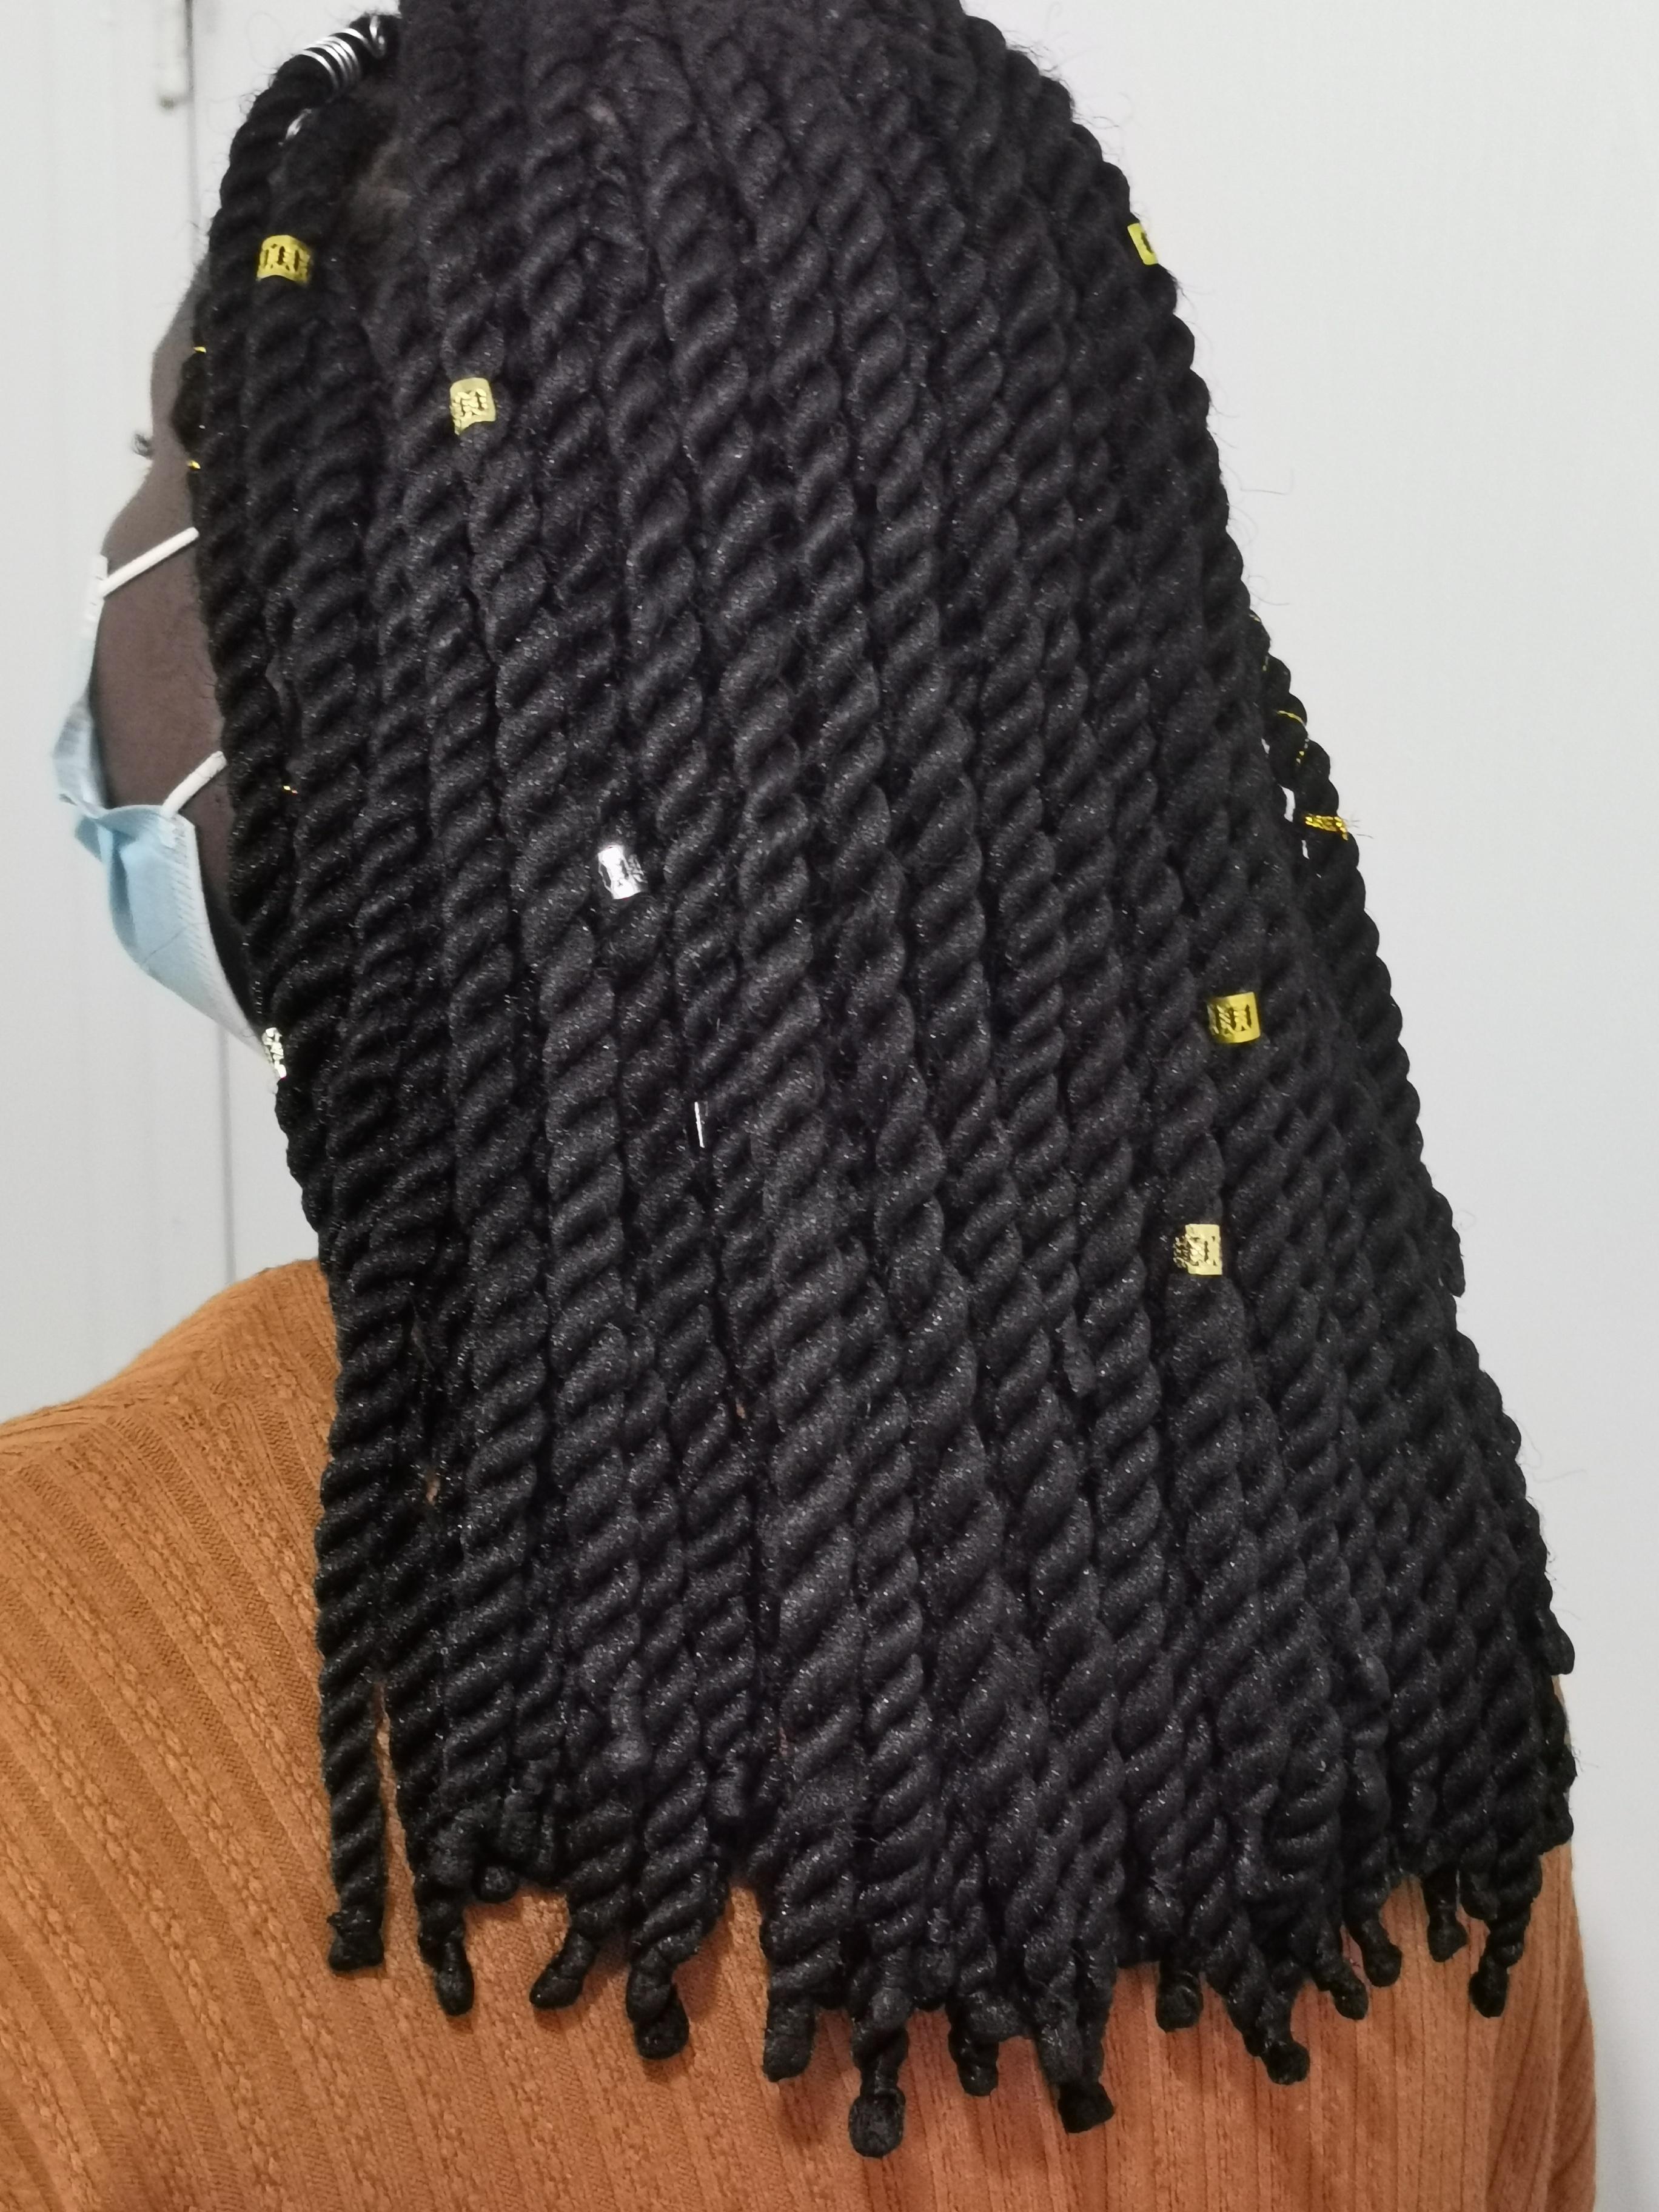 salon de coiffure afro tresse tresses box braids crochet braids vanilles tissages paris 75 77 78 91 92 93 94 95 HMGAAOZM